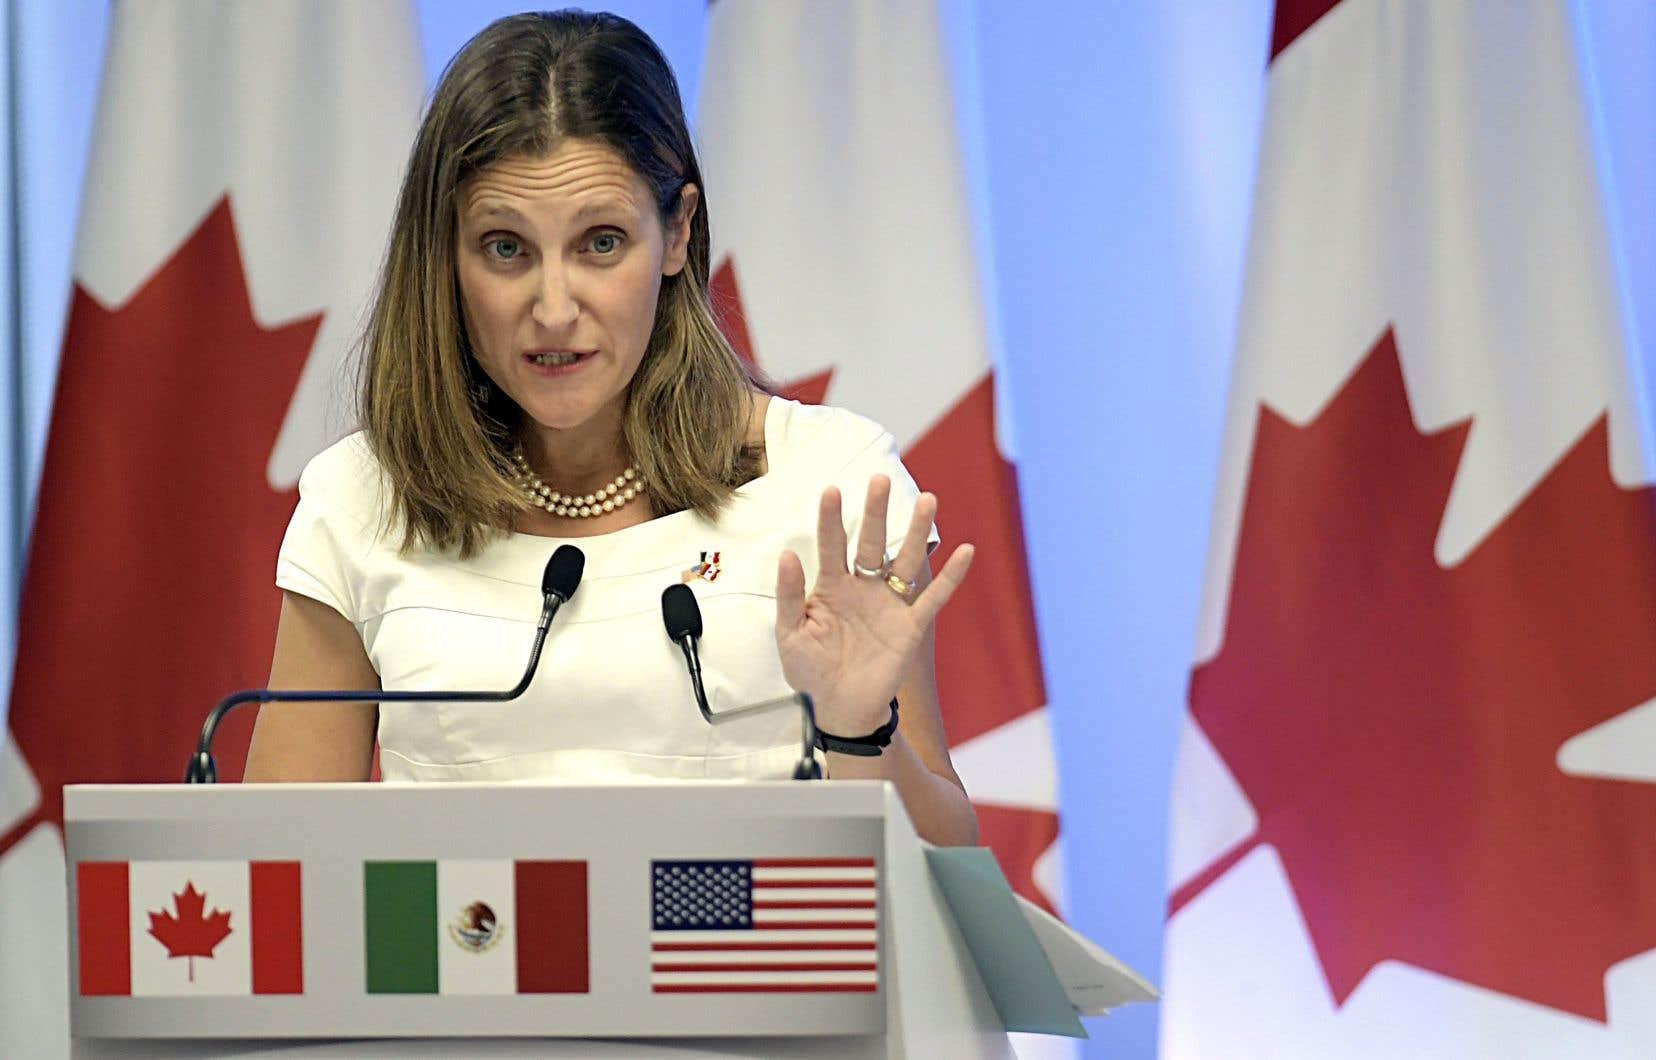 La ministre canadienne des Affaires étrangères, Chrystia Freeland, n'avait pas caché, en août, son inquiétude de voir le commerce international de plus en plus associé avec la montée des inégalités.